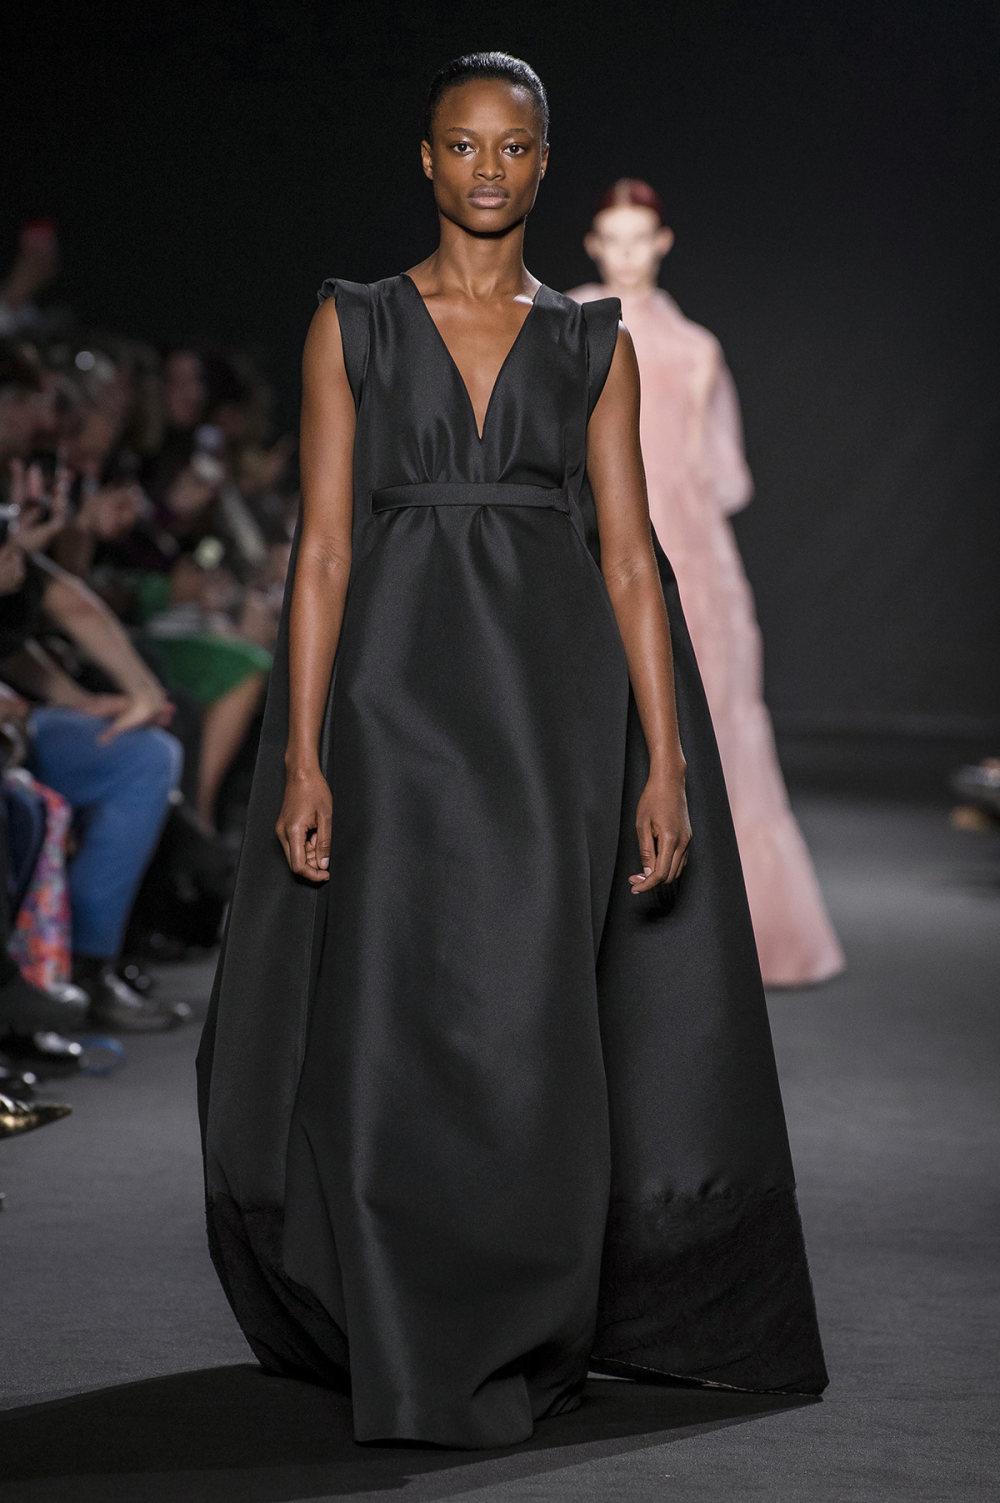 Rochas时装系列黑色无领斜纹软呢褶皱的黑色裙身饰有超细短袖衬衫-35.jpg